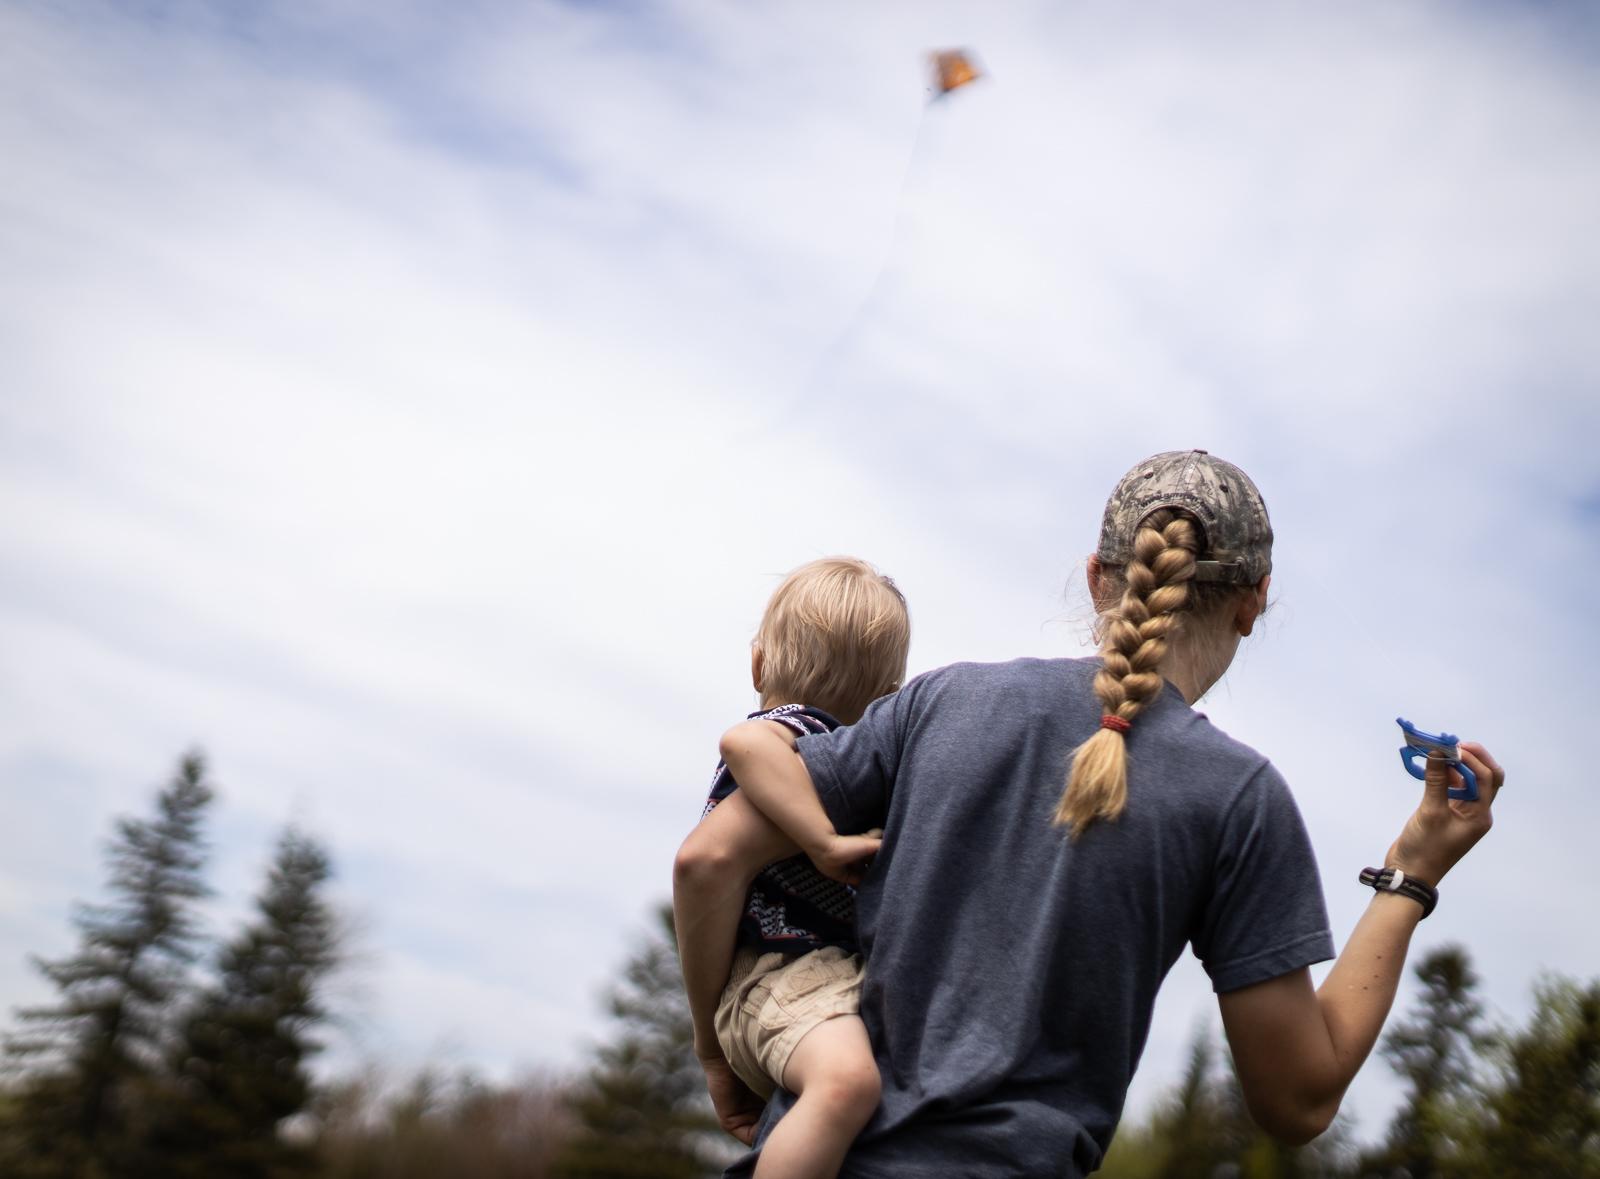 kite-festival-2019-blog-8.jpg